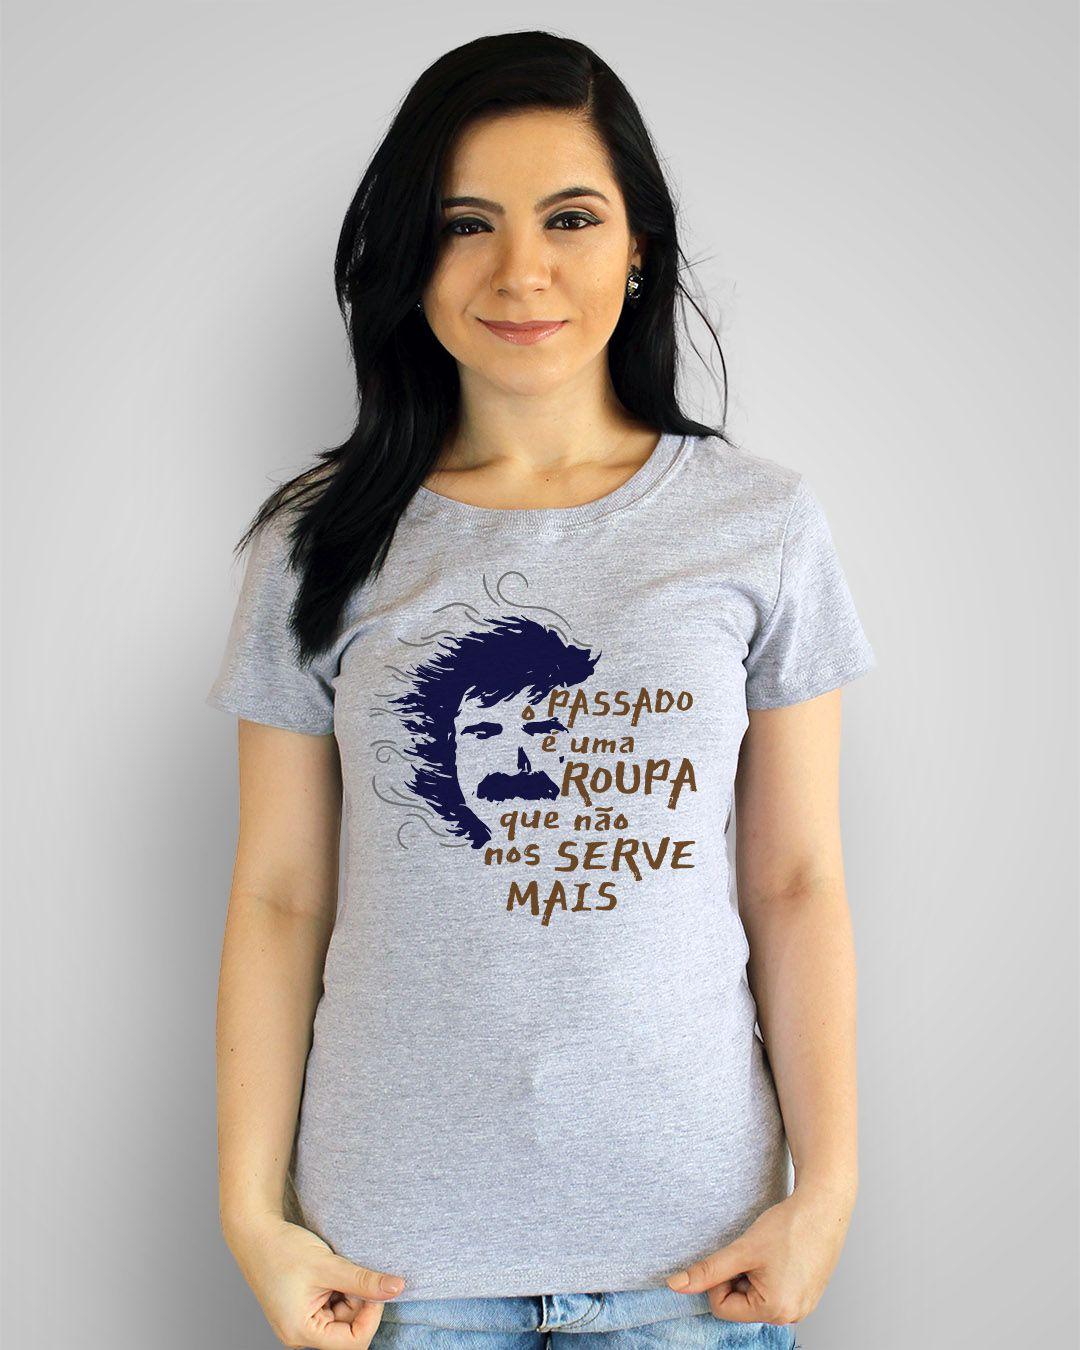 Camiseta O passado é uma roupa que não serve mais - Belchior